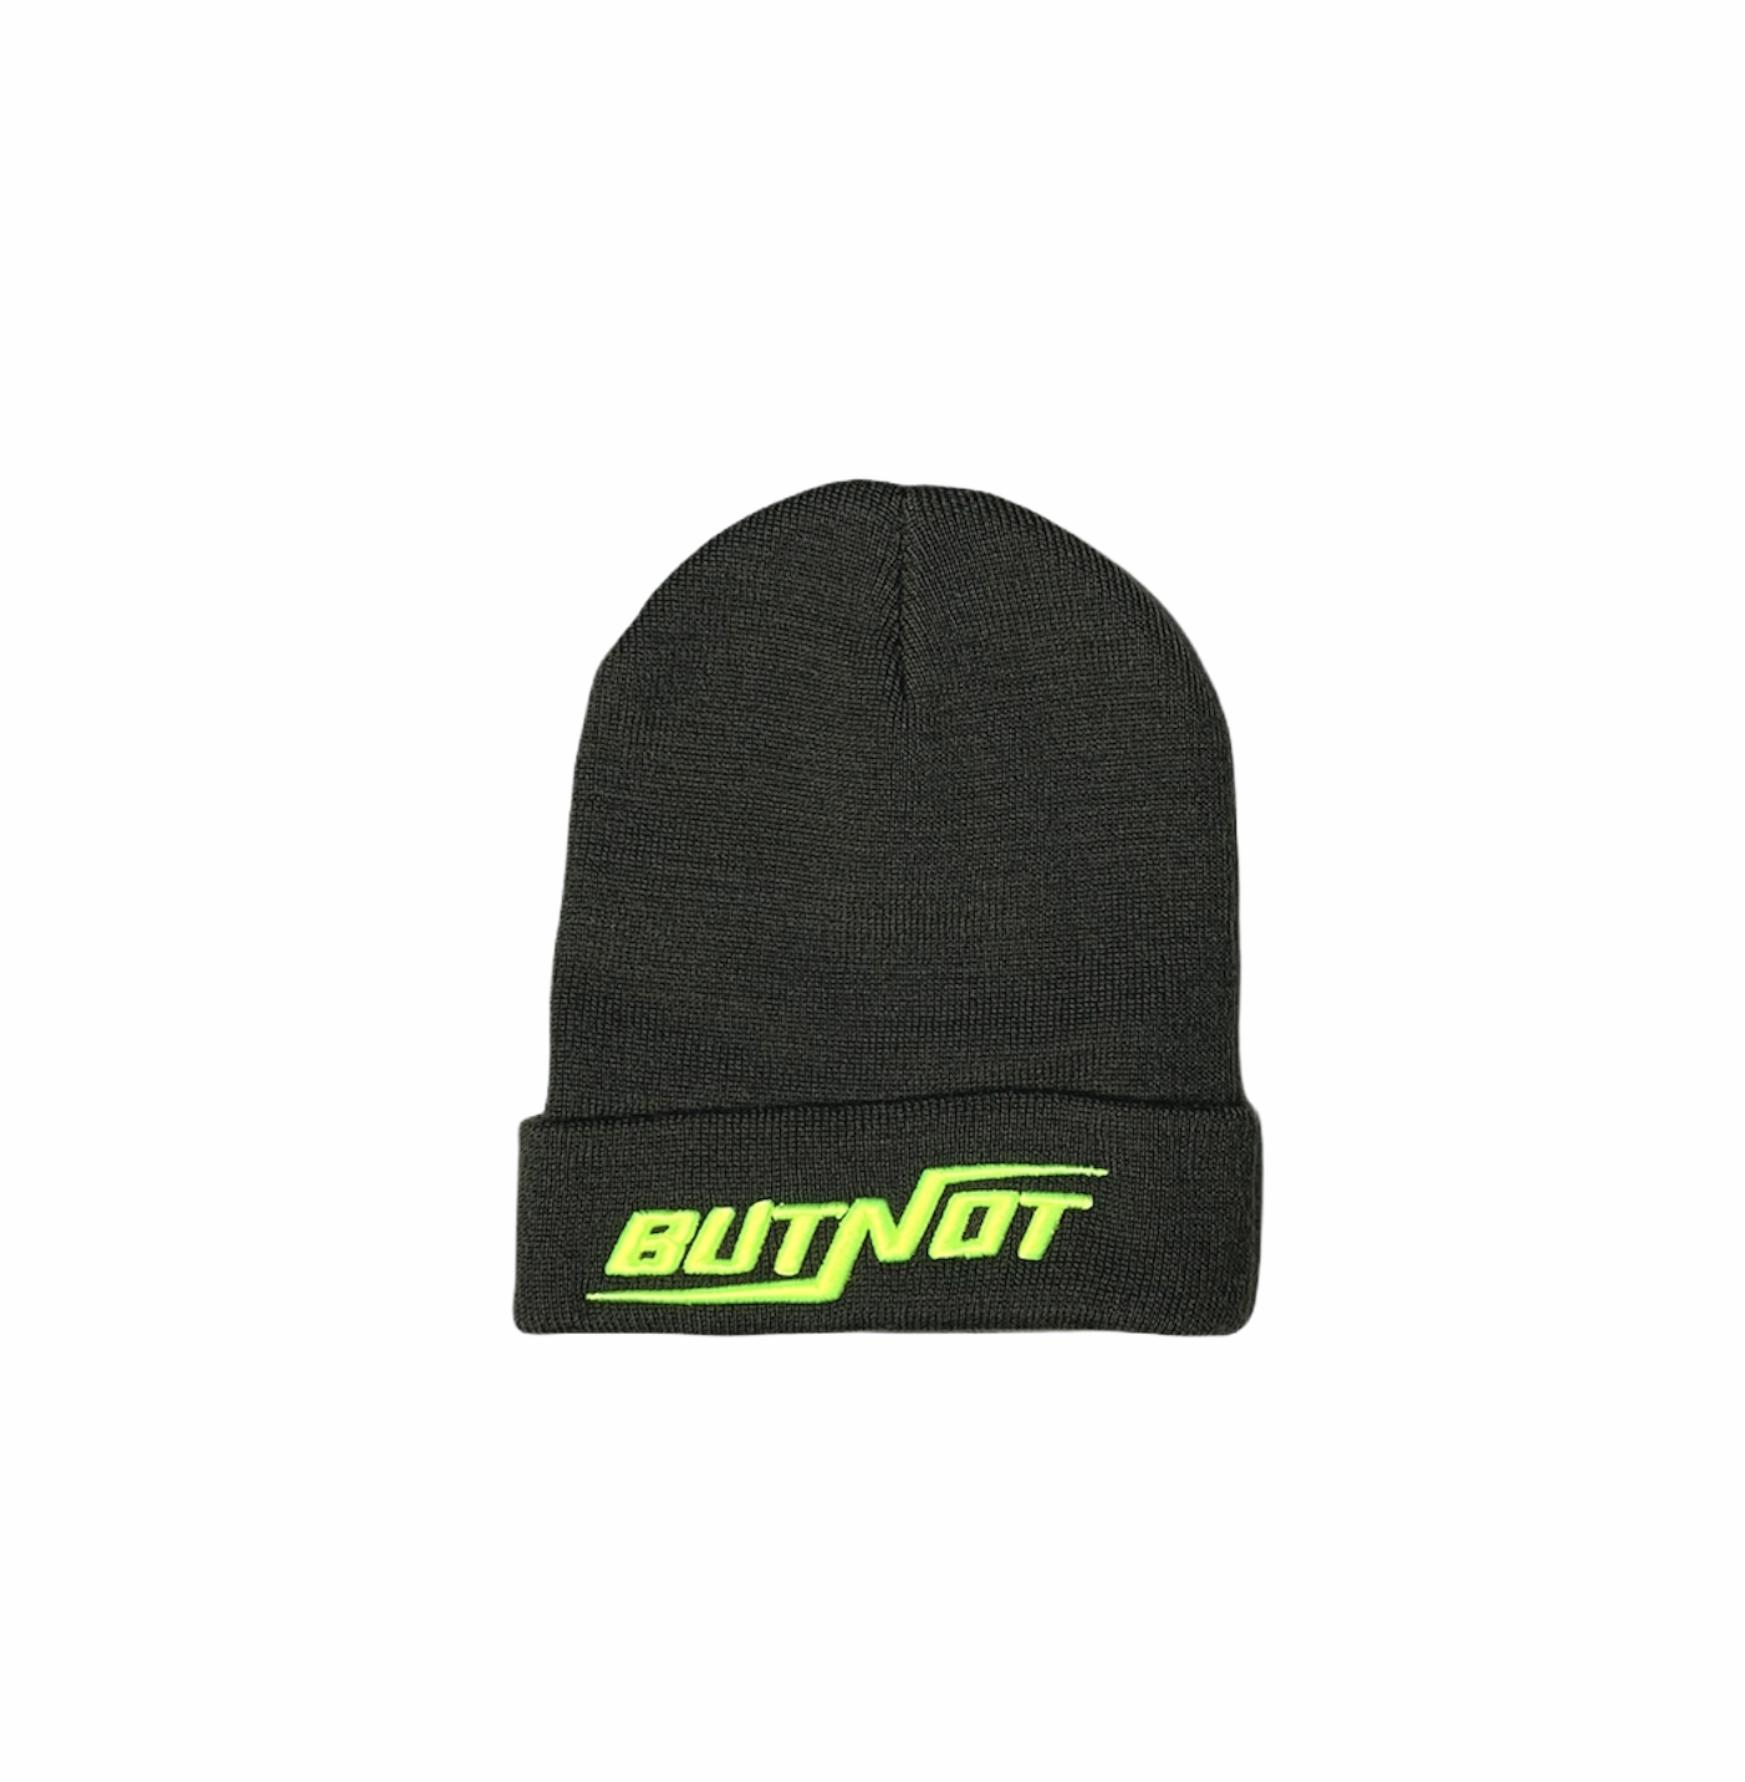 Cappello butnot